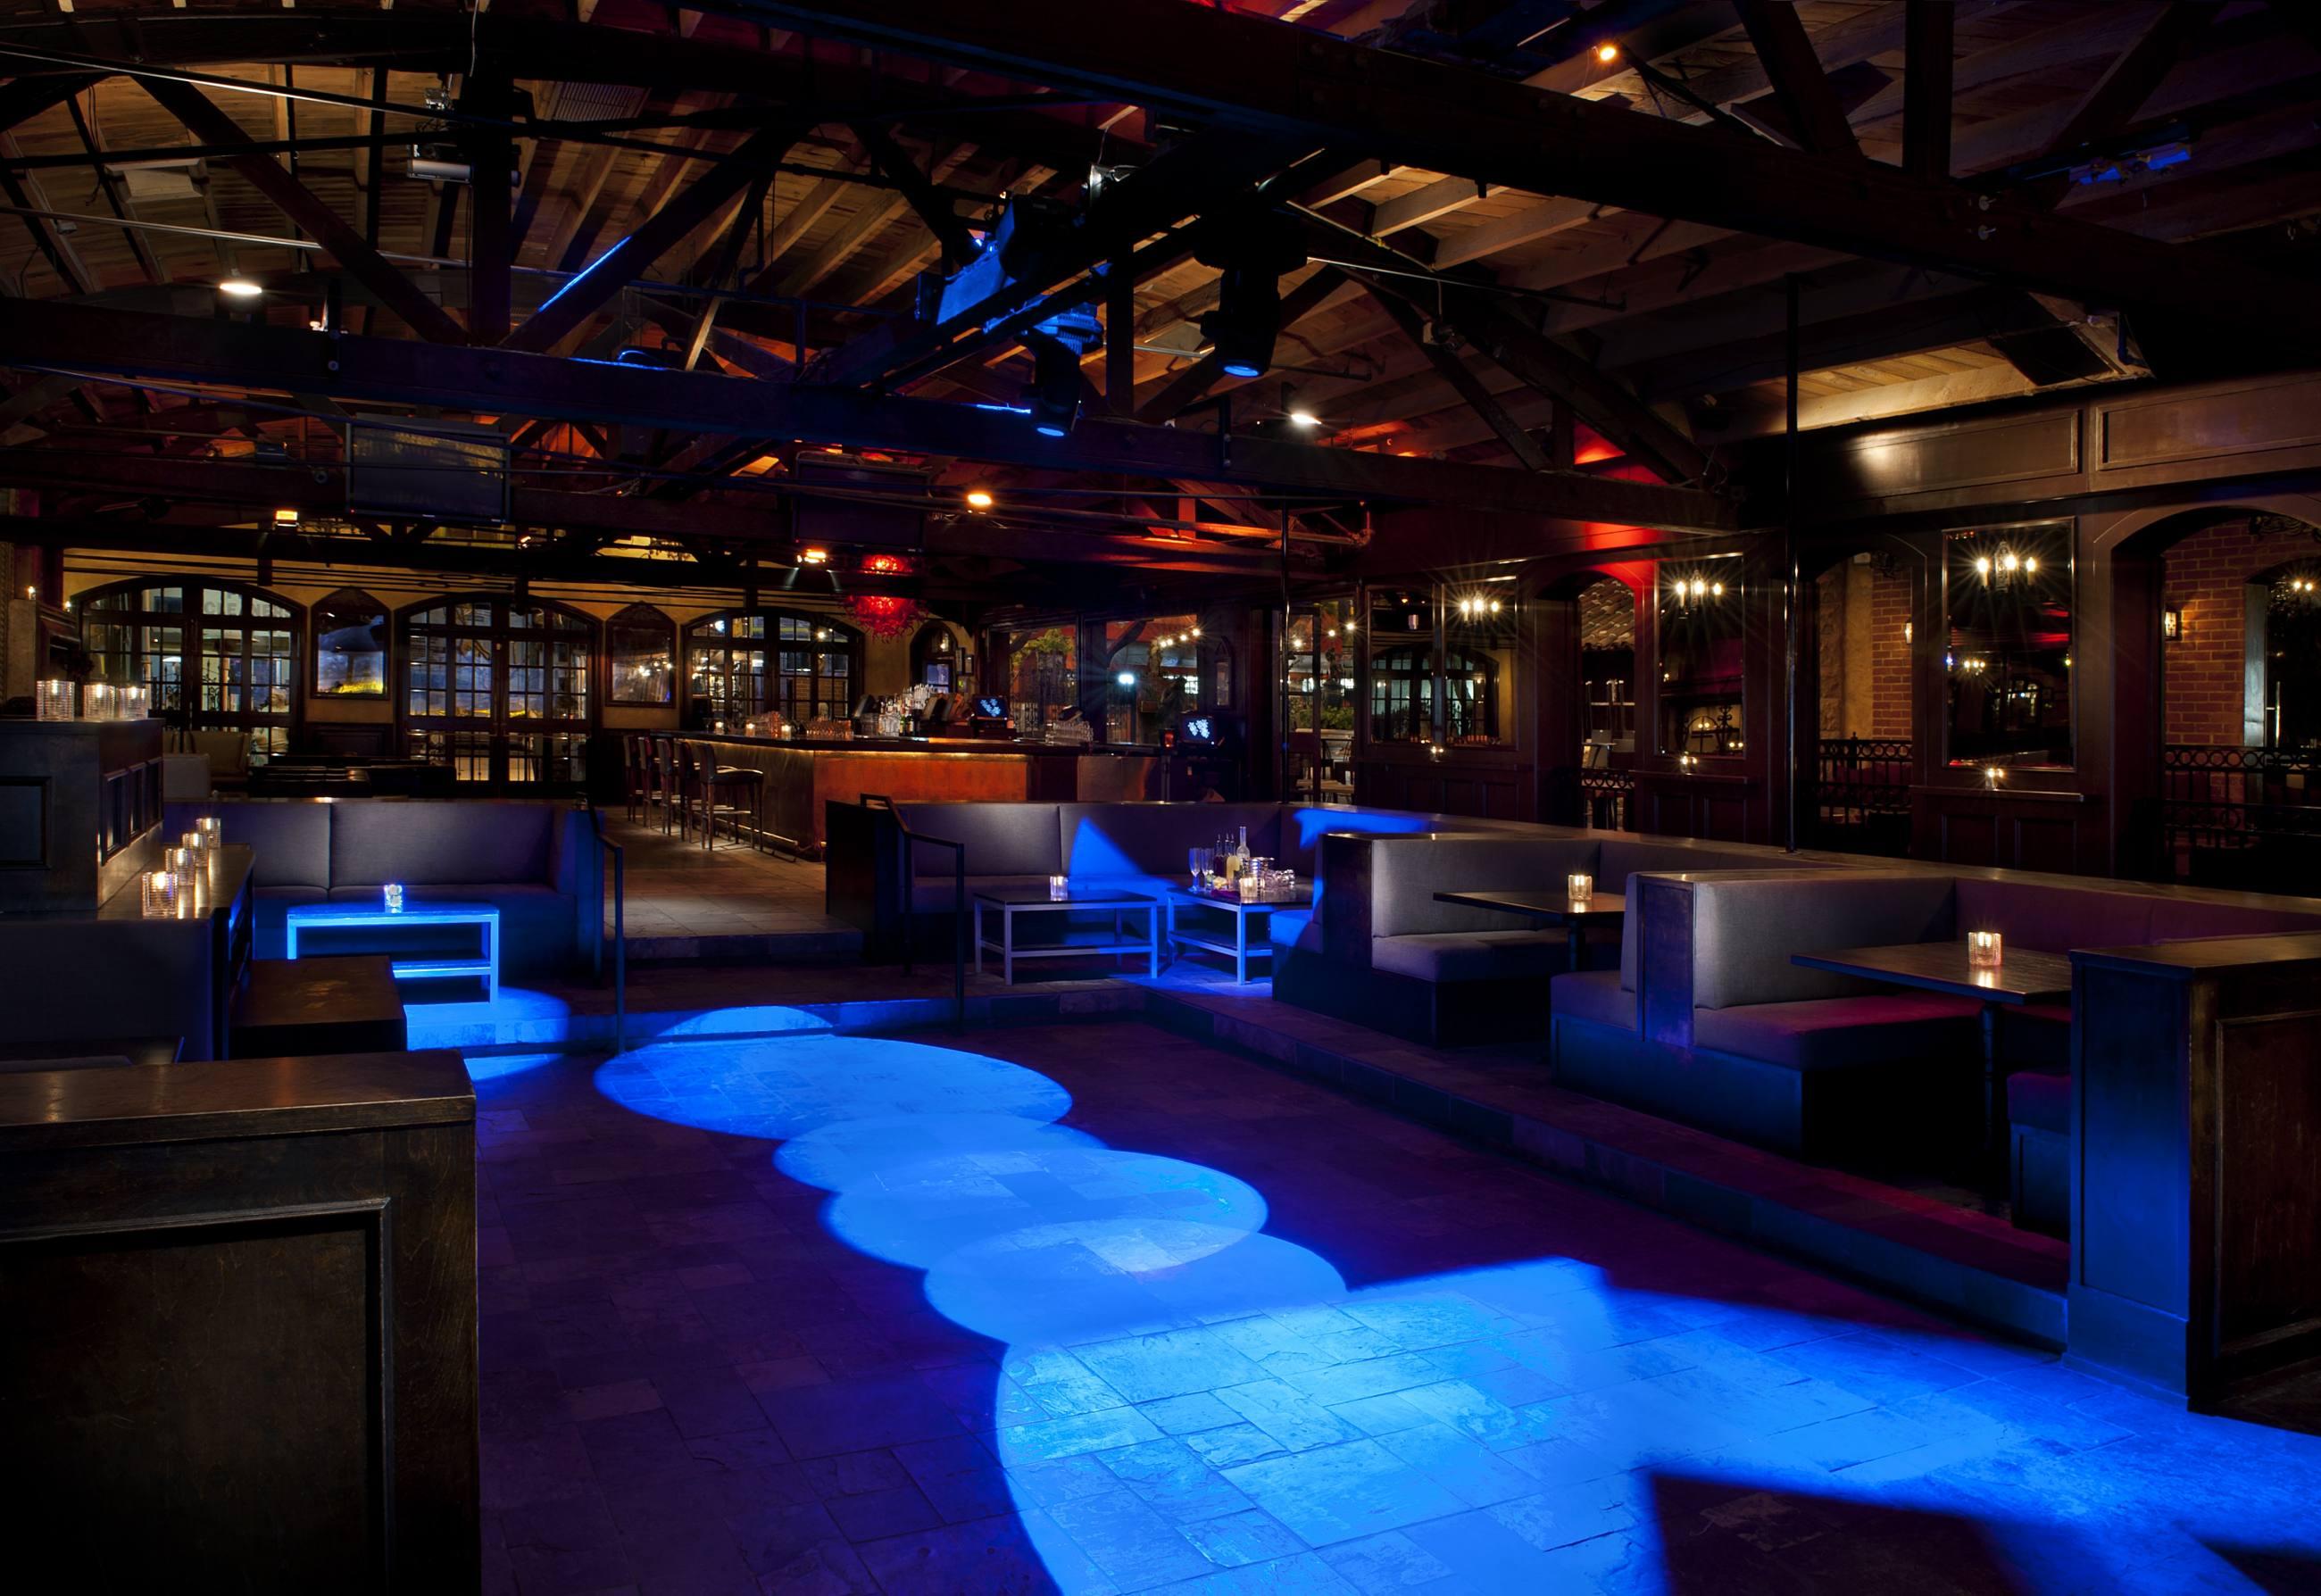 The Abbey Food & Bar dance floor